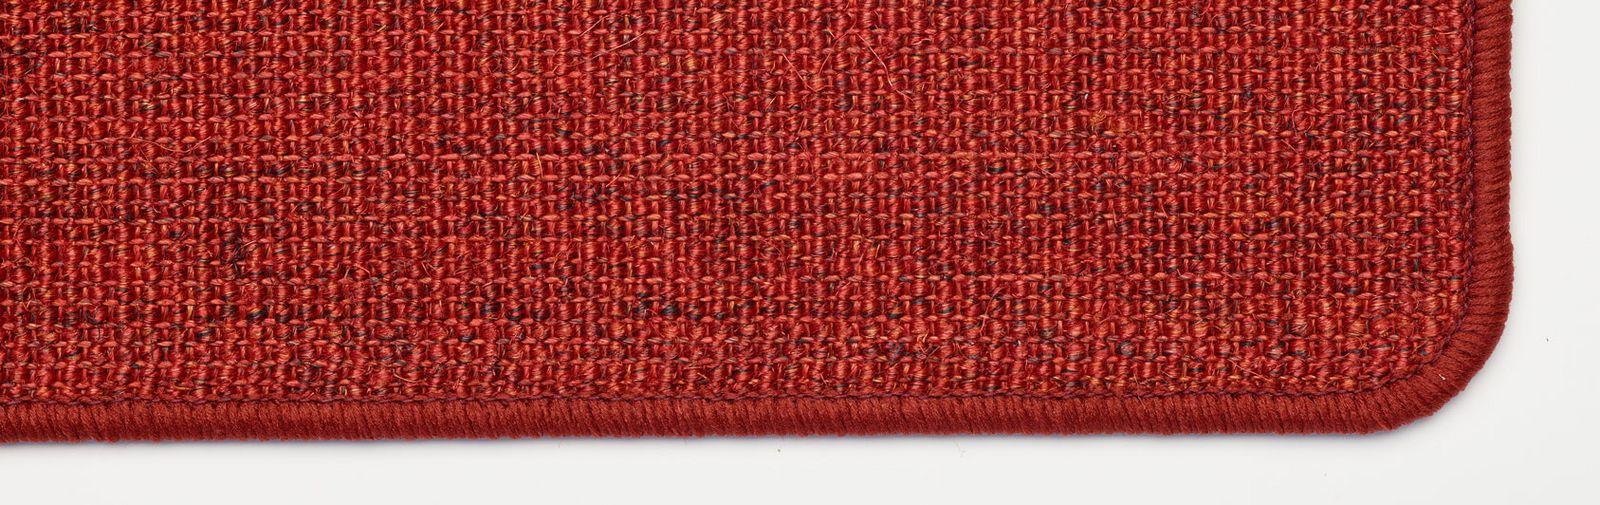 tapis d'église sisal couleur rouge code couleur 7401